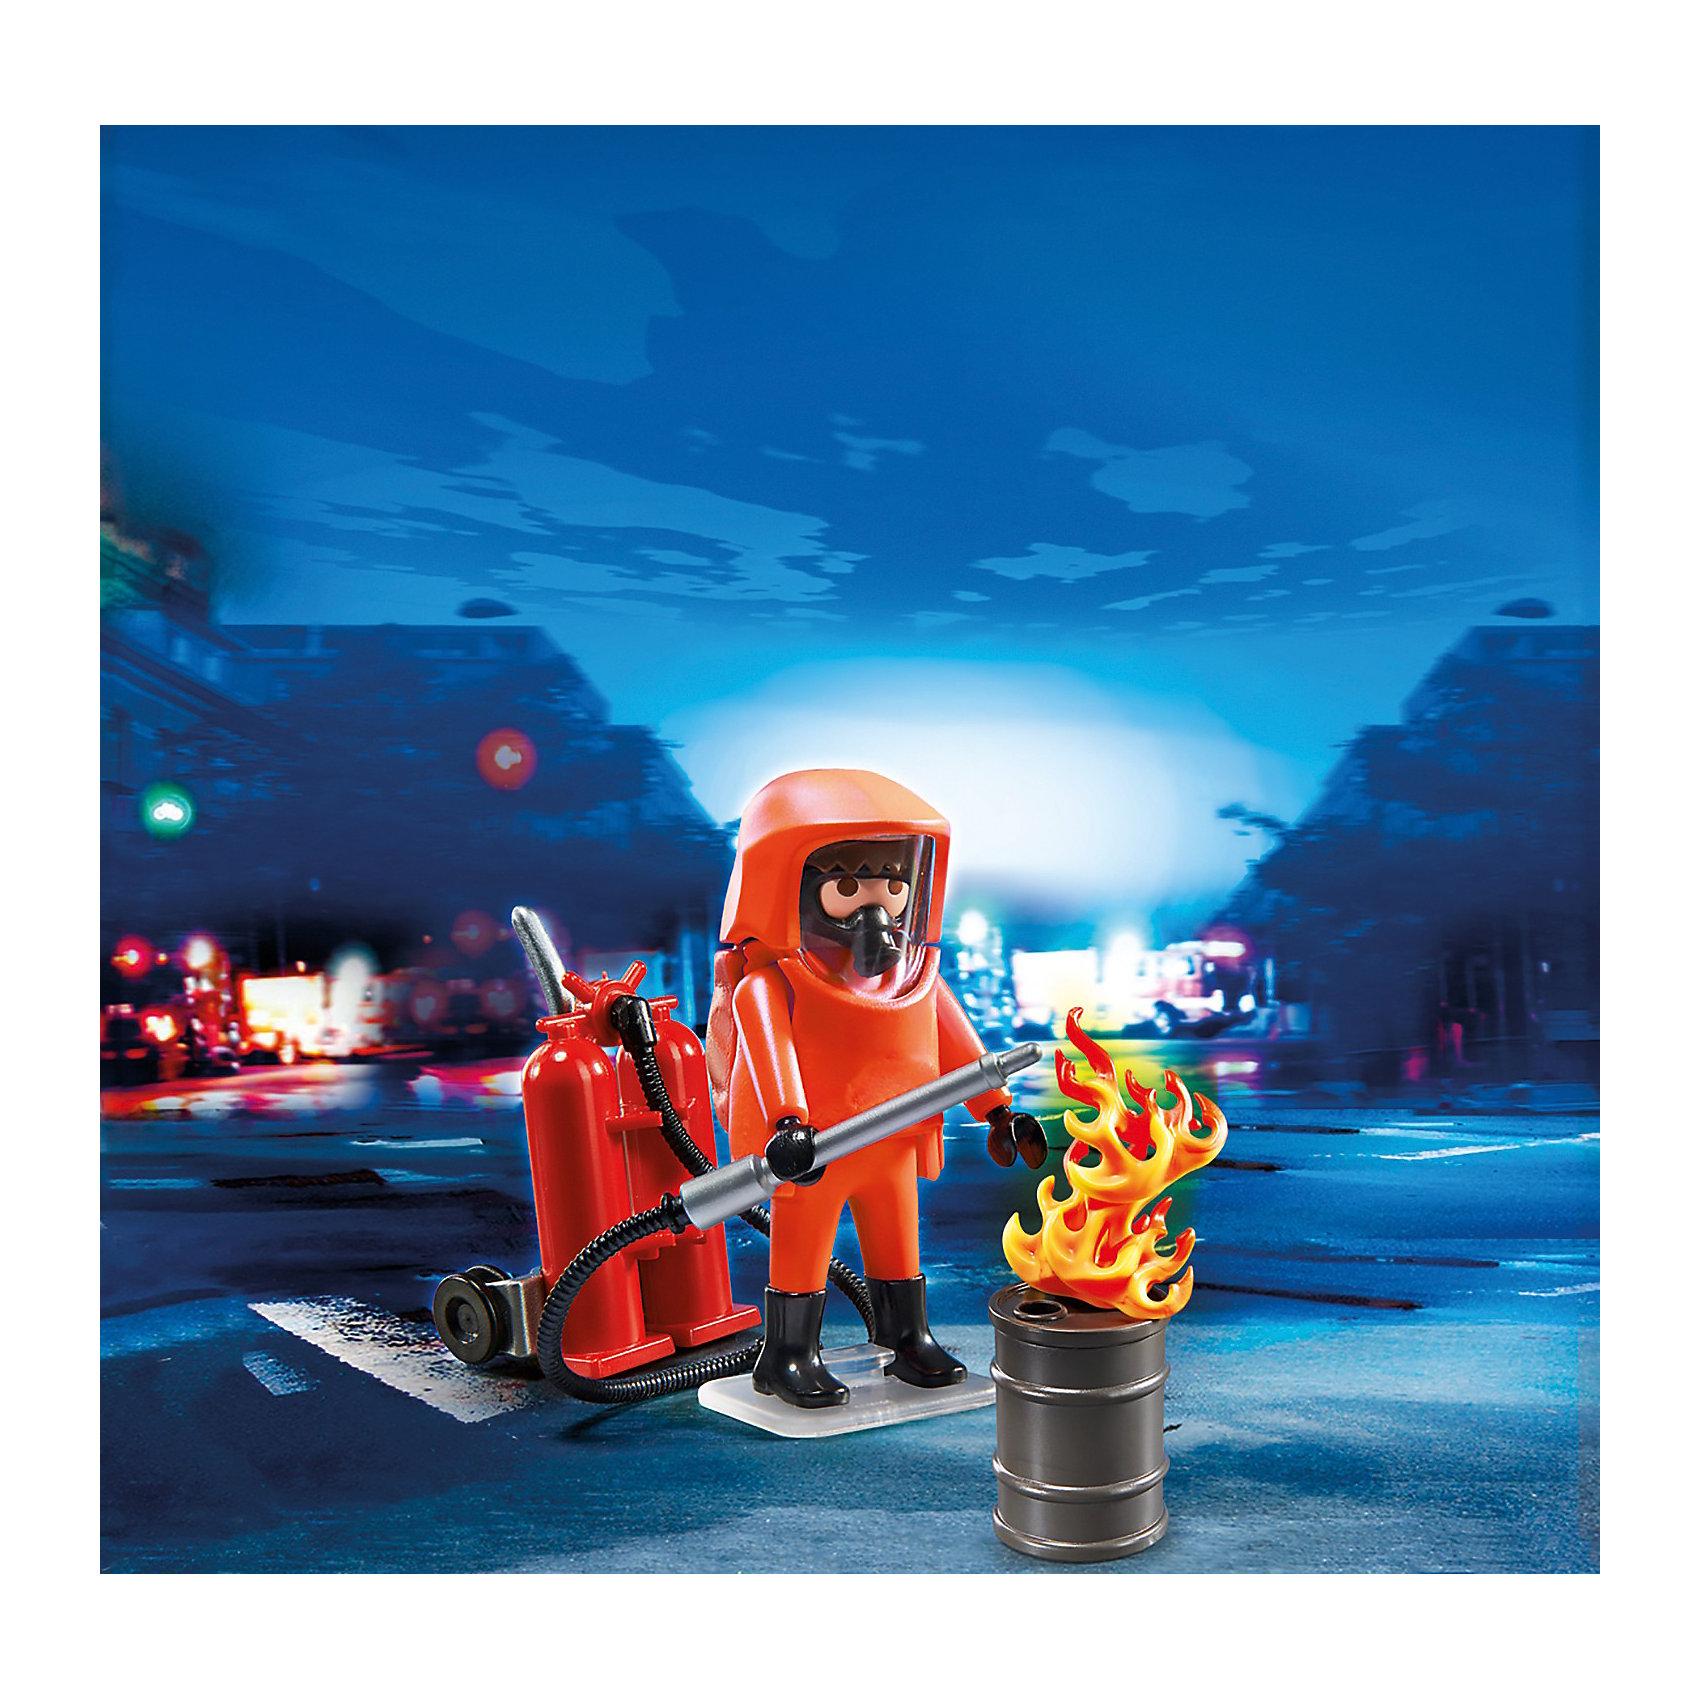 PLAYMOBIL  5367 Пожарная служба: Специальные пожарные силыПожарная служба: Специальные пожарные силы – небольшой и компактный набор, который всегда можно брать с собой. <br>Бывают ситуации, когда простые пожарные не могут справиться с огнем. <br>Он полыхает высоким пламенем, и войти в горящее здание можно только в специальном огнеупорном костюме. <br>Таким тушением может заниматься специально подготовленный пожарный, который не боится большого пламени и уверенно двигается среди раскаленного огня. <br>Игровые наборы Playmobil (Плеймобил) помогут создать интересный игровой момент и надолго привлекут внимание ребенка. <br>Для тушения пожара пожарный надевает оранжевый огнеупорный костюм. <br>Сзади него крепится бак с раствором, который при прохождении через трубку превращается в пену. <br>Огонь таким составом раствора легко тушится. <br>С пеной можно работать в деревянных и бетонных помещениях, она тушит места возгорания, где есть проводка. <br>Конструкторы помогут собрать картинку воедино и осуществить задуманное юным сценаристом.<br>В игровой набор Playmobil входят фигурка пожарного в костюме, огонь в бочке, инструмент для перевозки раствора, шланг и труба.<br>Игрушка знакомит ребенка с новой профессией, объясняет, чем занимаются пожарные. <br>Игры с набором развивают образное мышление и логику, любознательность и внимание.<br><br>PLAYMOBIL  5367 Пожарная служба: Специальные пожарные силы можно купить в нашем магазине.<br><br>Ширина мм: 156<br>Глубина мм: 101<br>Высота мм: 54<br>Вес г: 66<br>Возраст от месяцев: 60<br>Возраст до месяцев: 120<br>Пол: Мужской<br>Возраст: Детский<br>SKU: 3536840